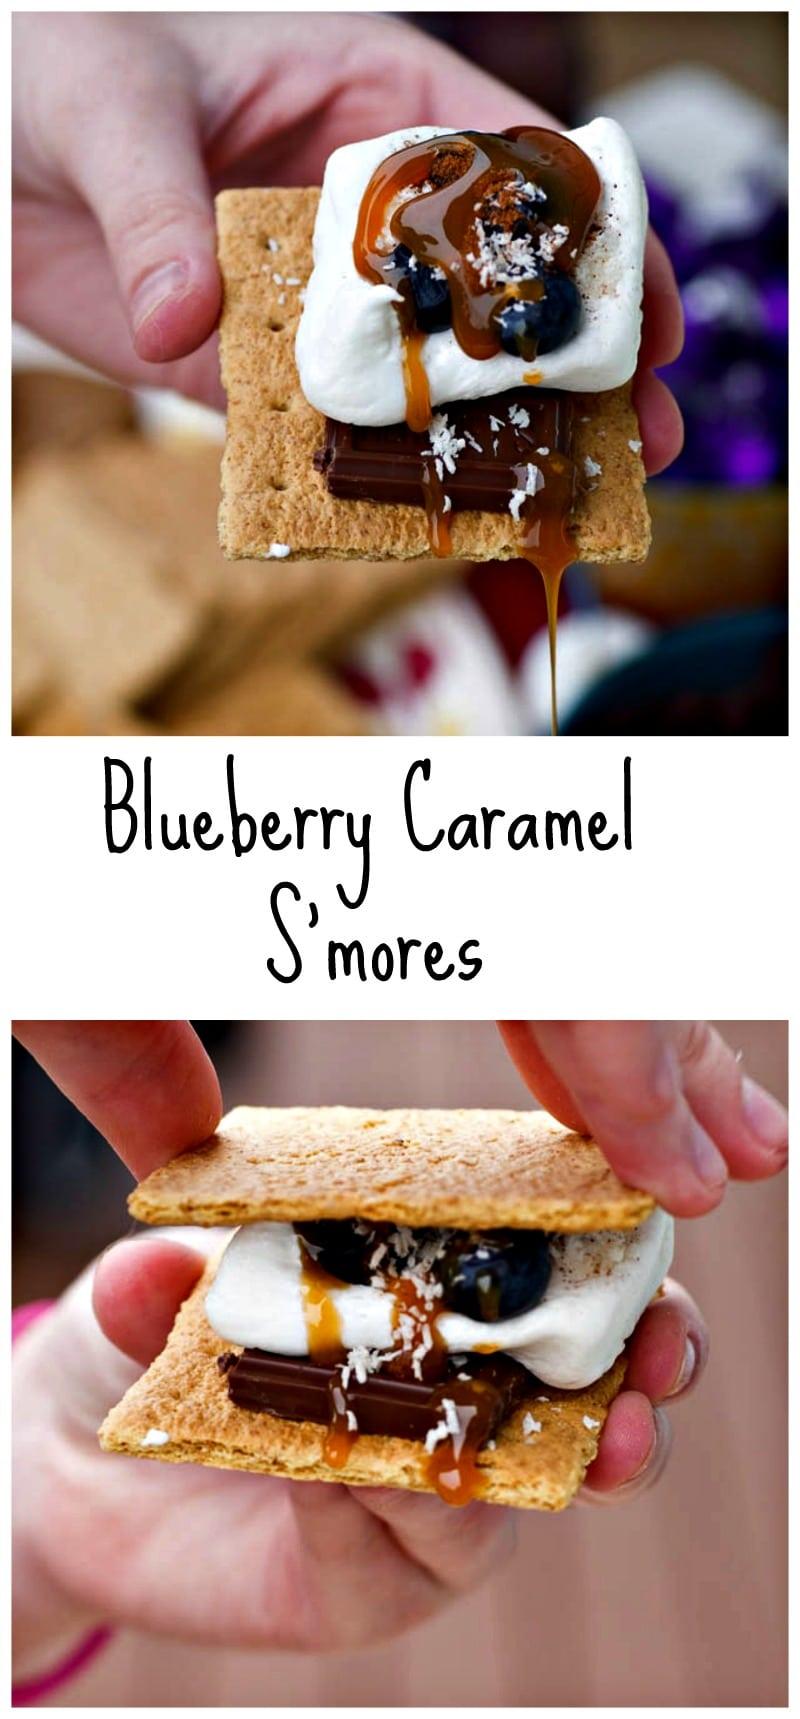 Blueberry Caramel Smores